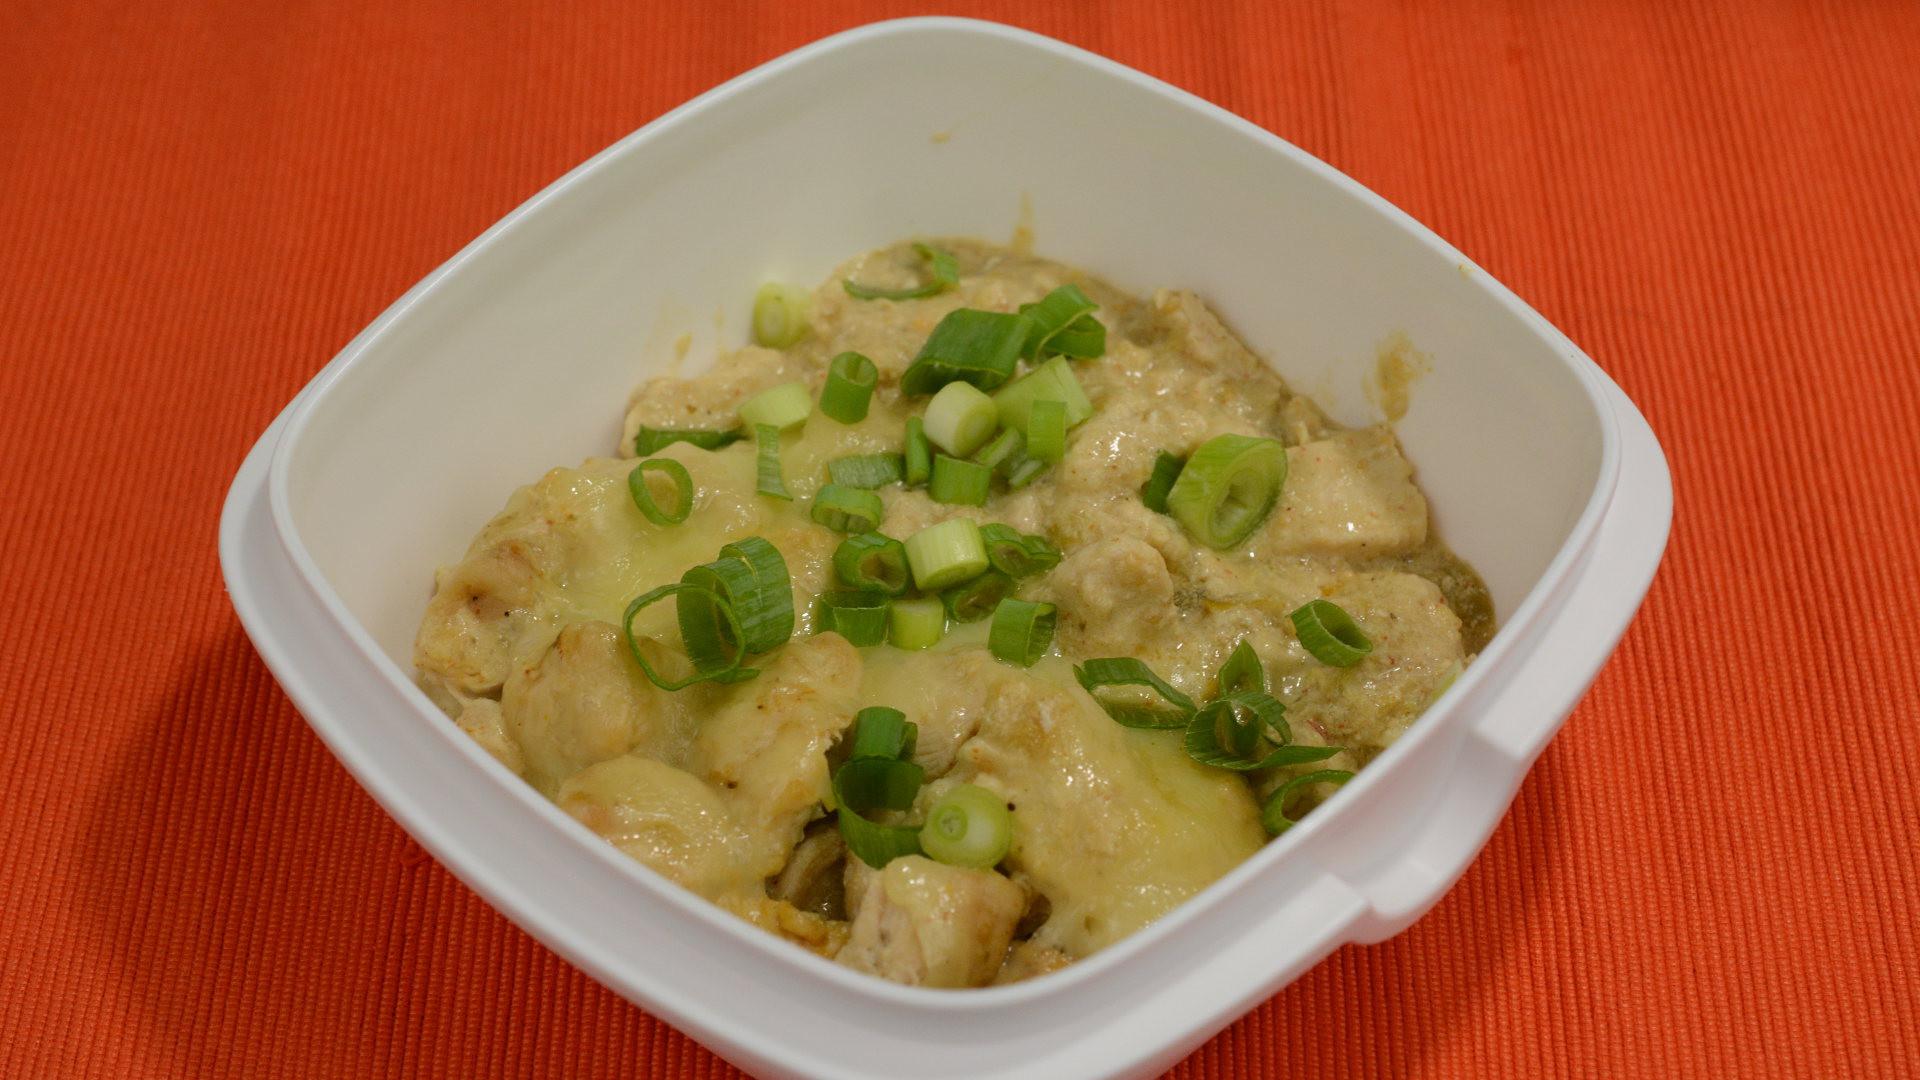 Keto Cheesy Chicken Casserole  Caveman Keto Recipes Cheesy Chicken Casserole Caveman Keto